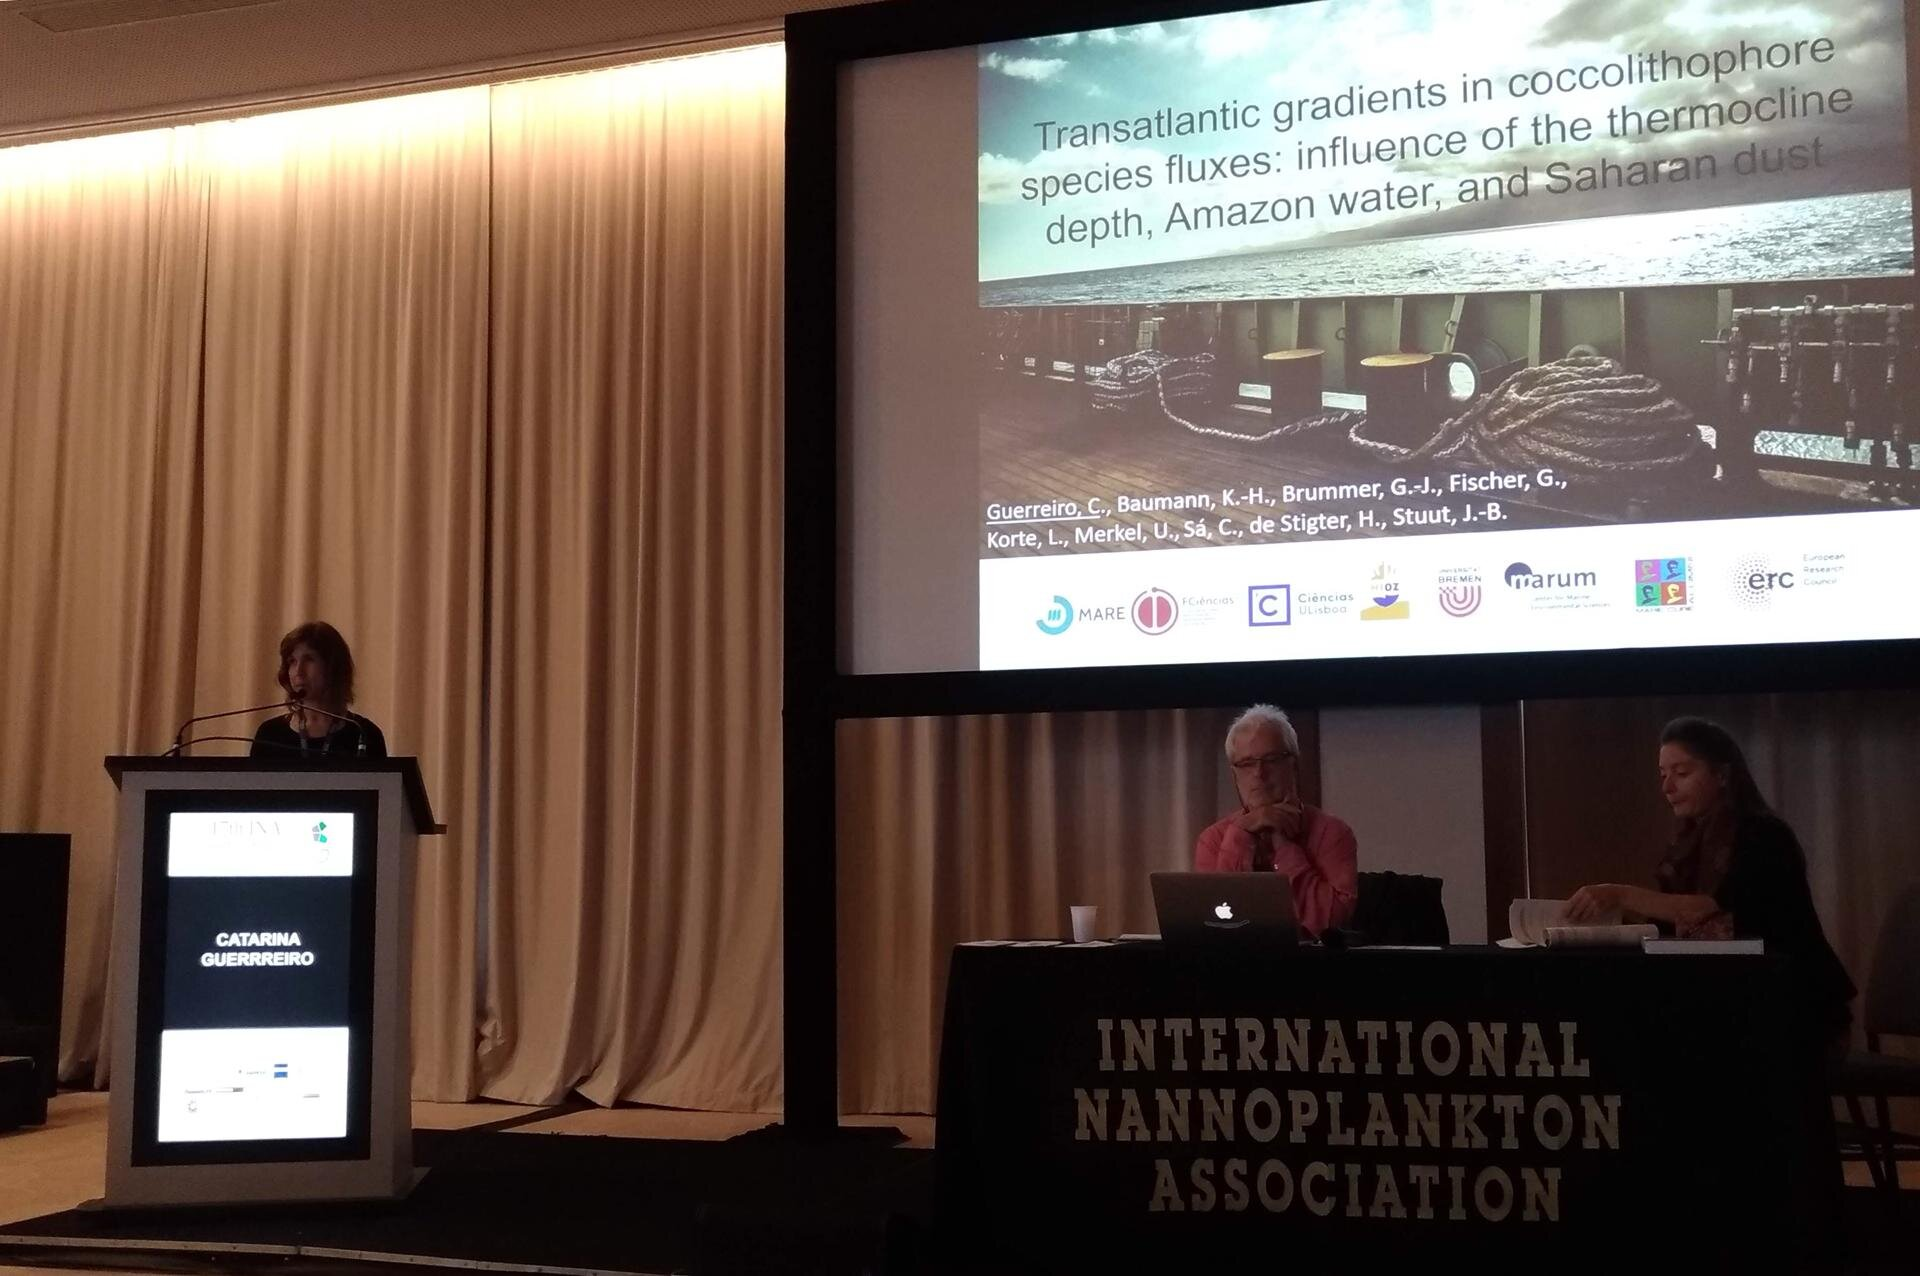 Catarina presenting her talk at INA 17.